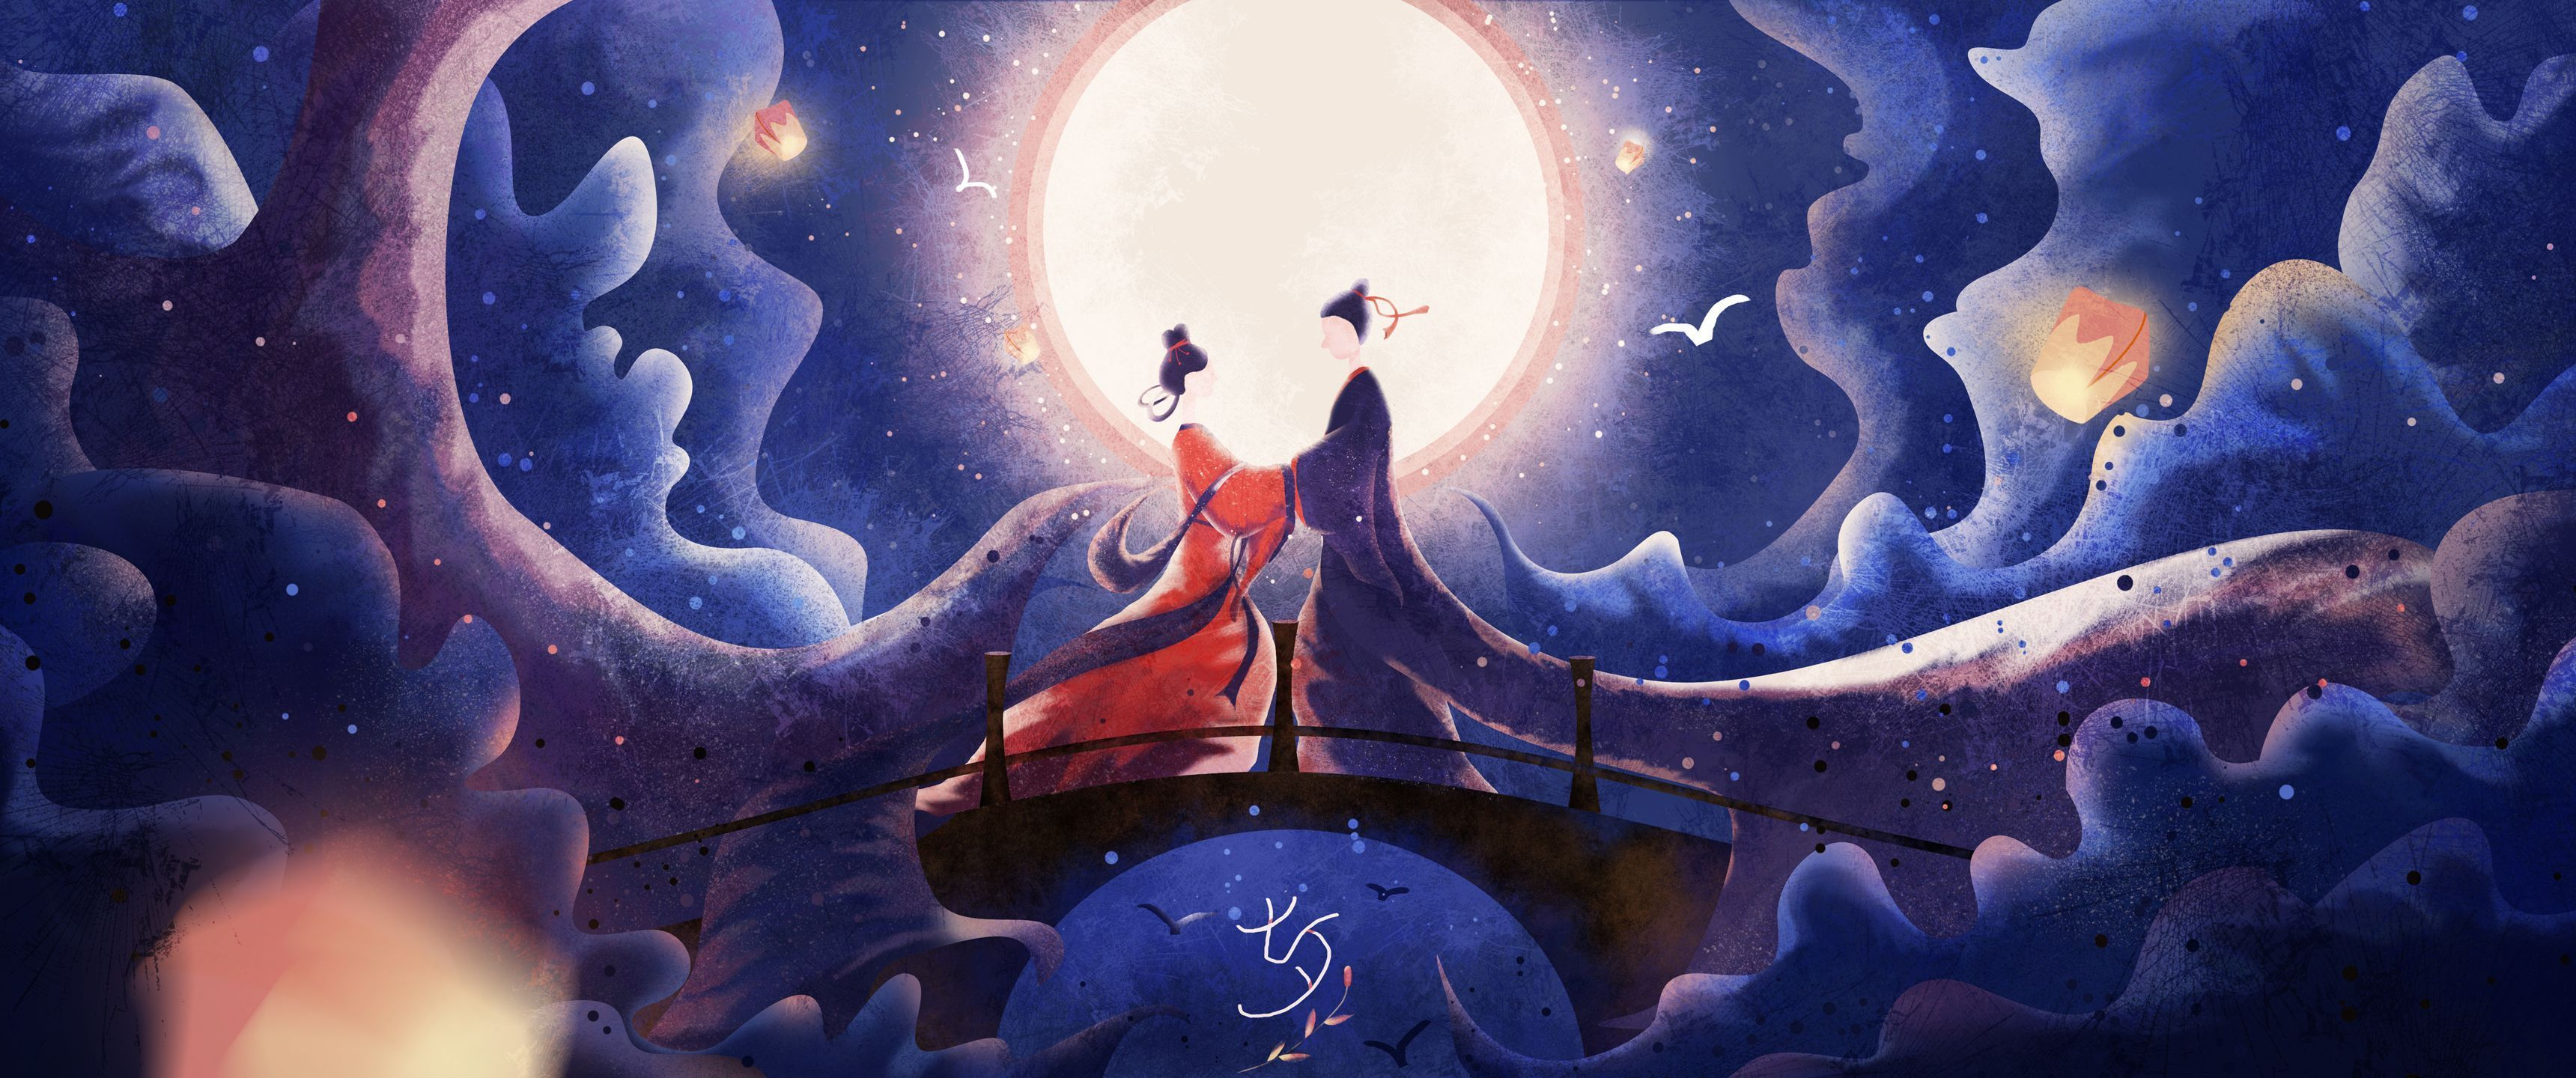 七夕节牛郎织女手绘插画3440x1440壁纸 彼岸图网 Jpg